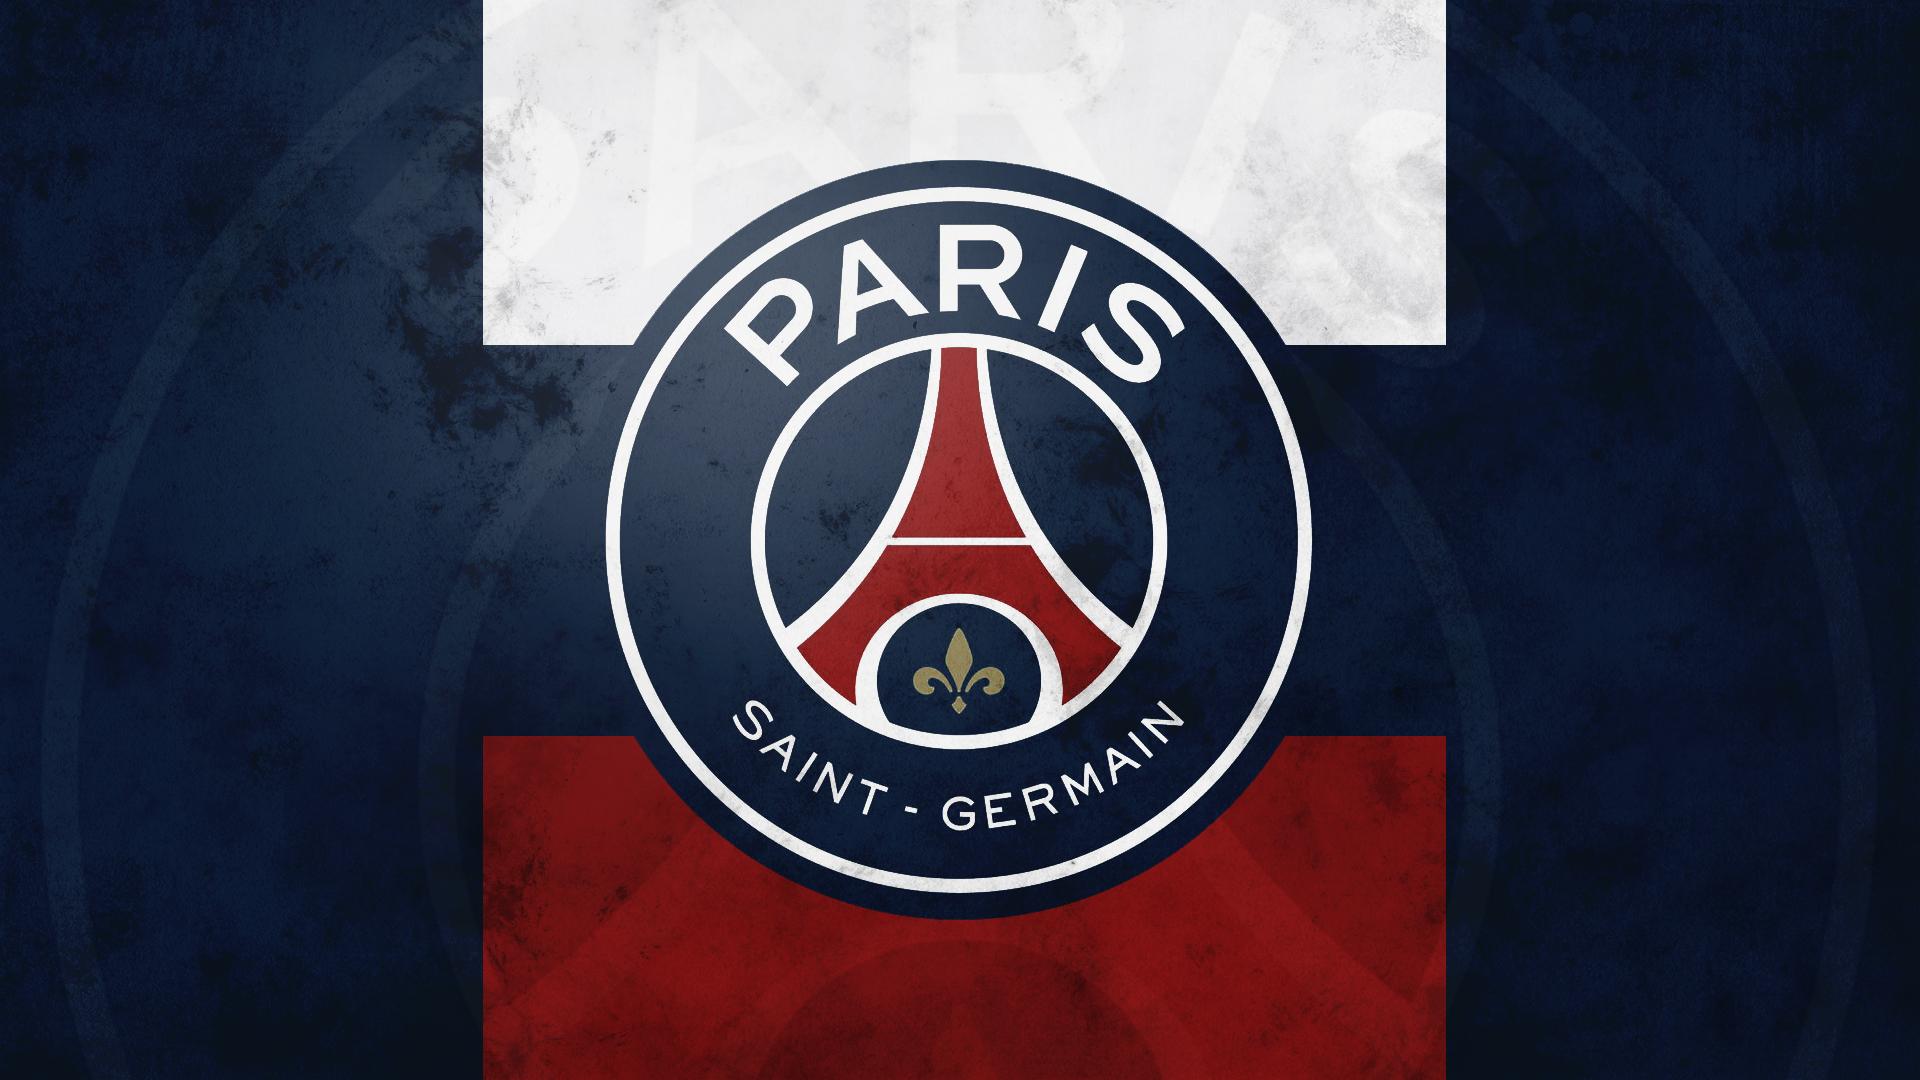 Download Wallpaper Pemain Paris Saint Germain Terbaru 20152016 Gratis 1920x1080